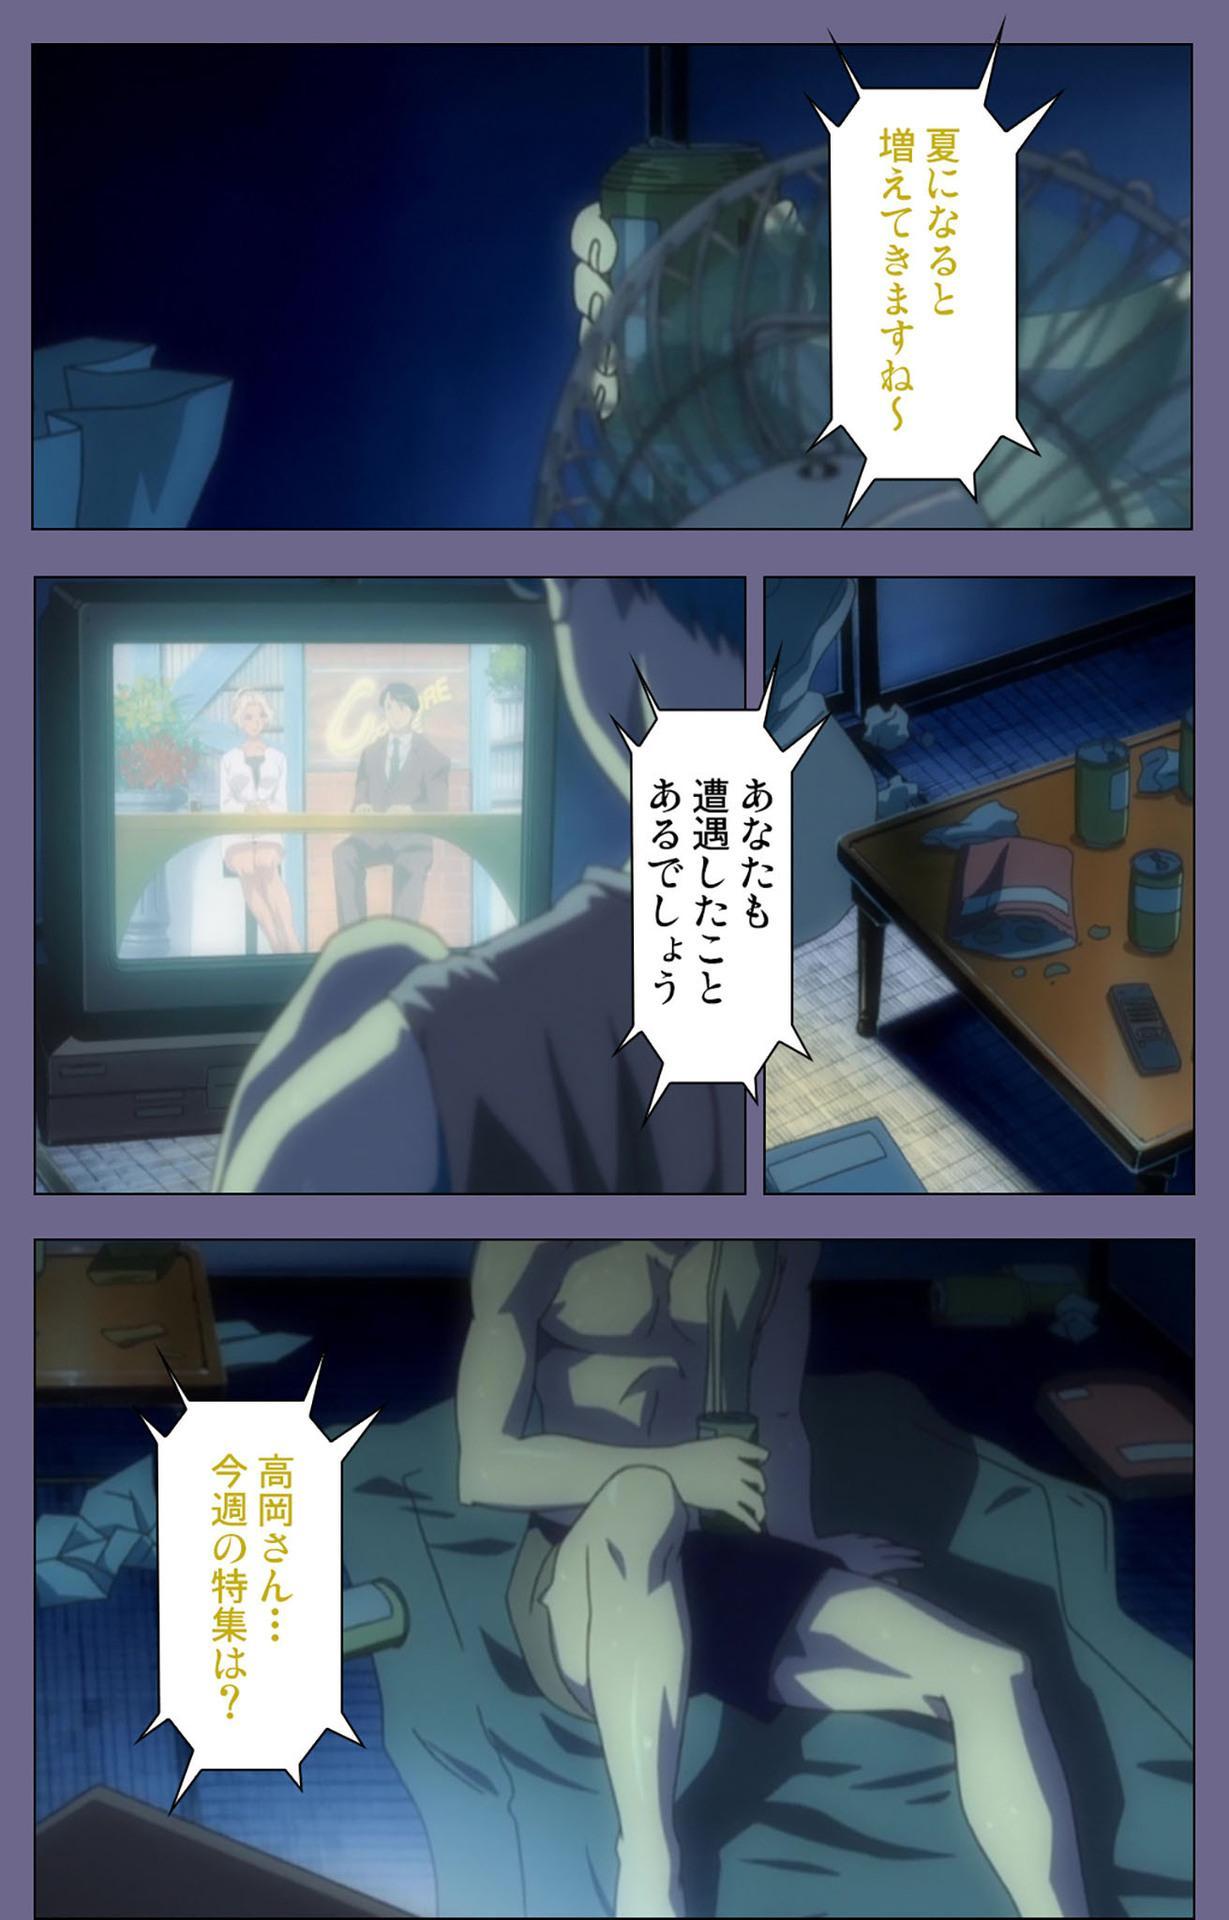 Itazura kanzenhan 16